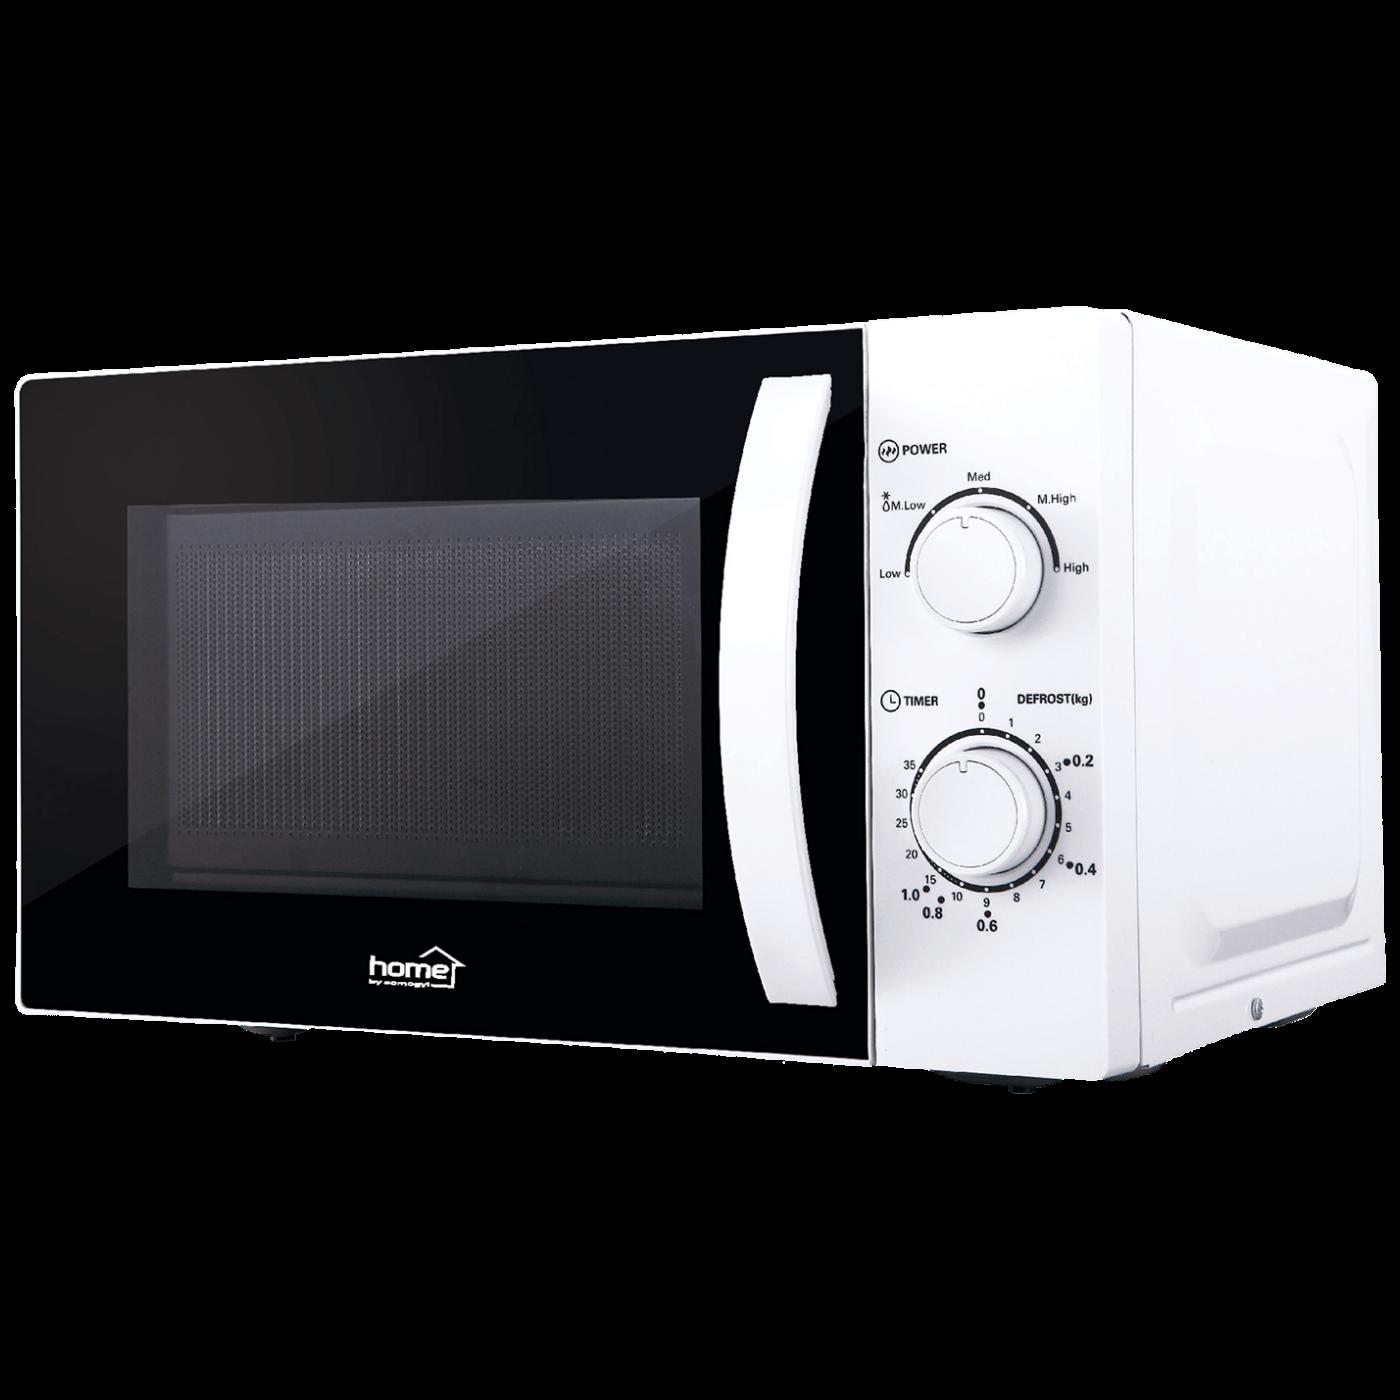 Mikrovalna pećnica, 700 W, zapremina 20 l, bijela